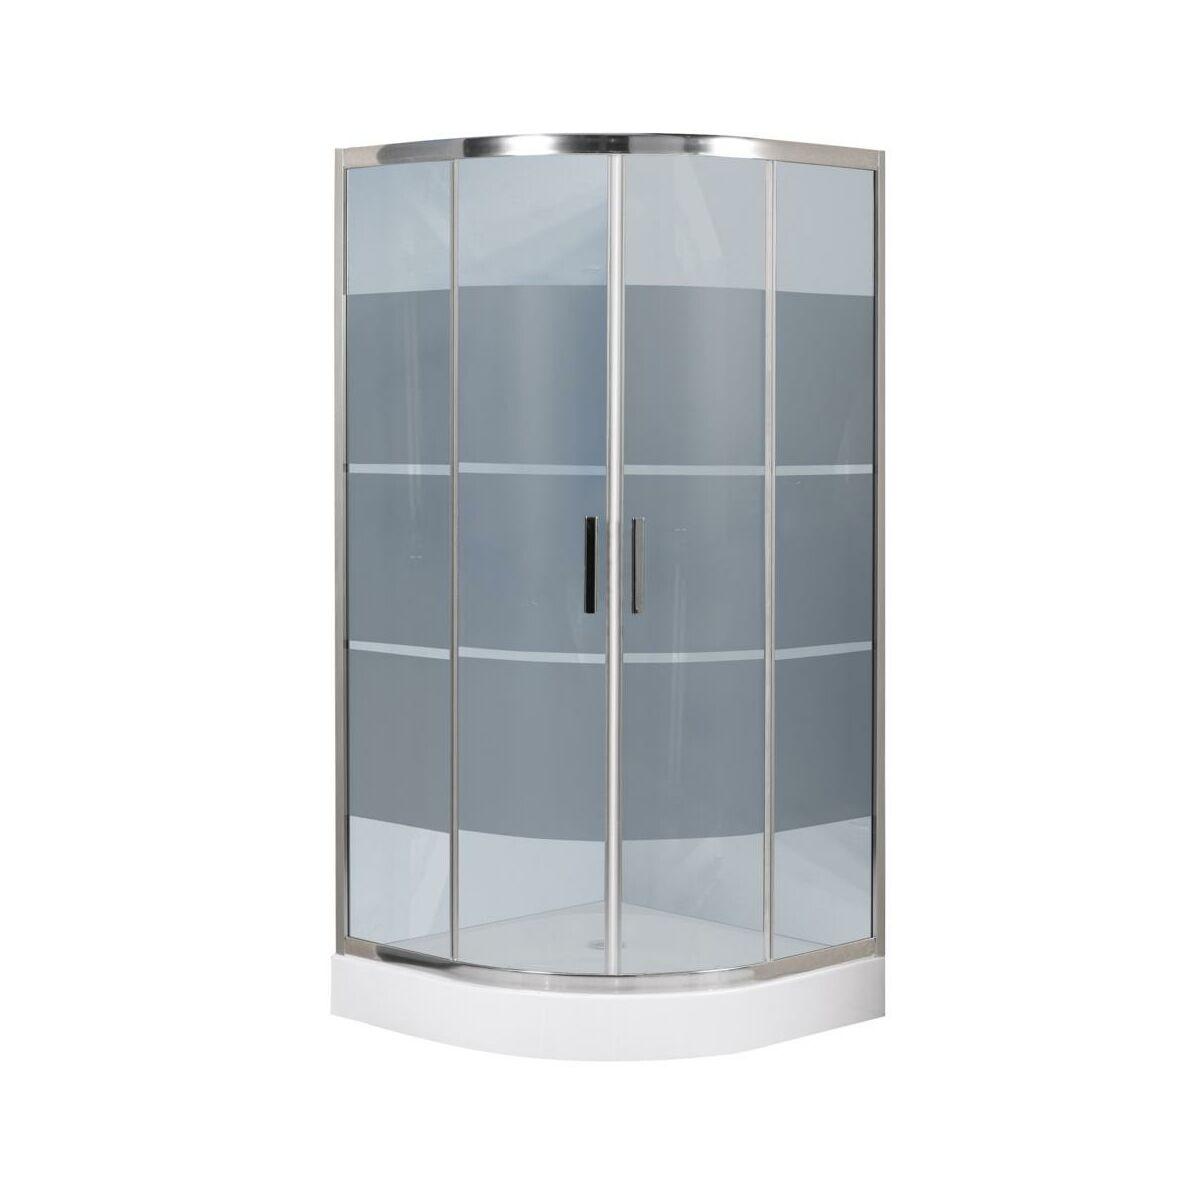 Kabina Prysznicowa Z Brodzikiem Brava 90 X 90 Cm Kabiny Prysznicowe W Atrakcyjnej Cenie W Sklepach Leroy Merlin